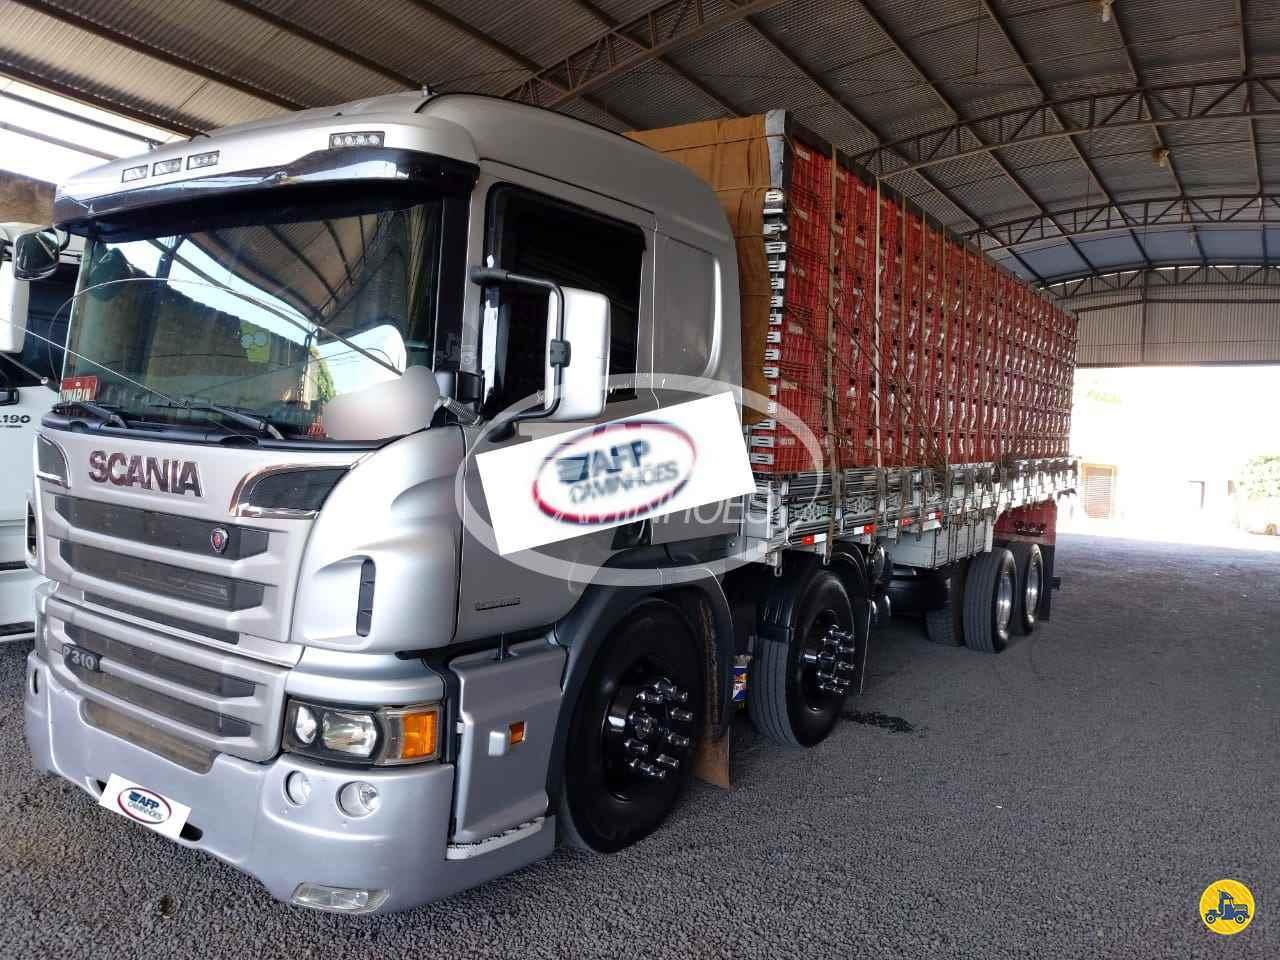 CAMINHAO SCANIA SCANIA 310 Carga Seca BiTruck 8x2 AFP Caminhões UBERLANDIA MINAS GERAIS MG